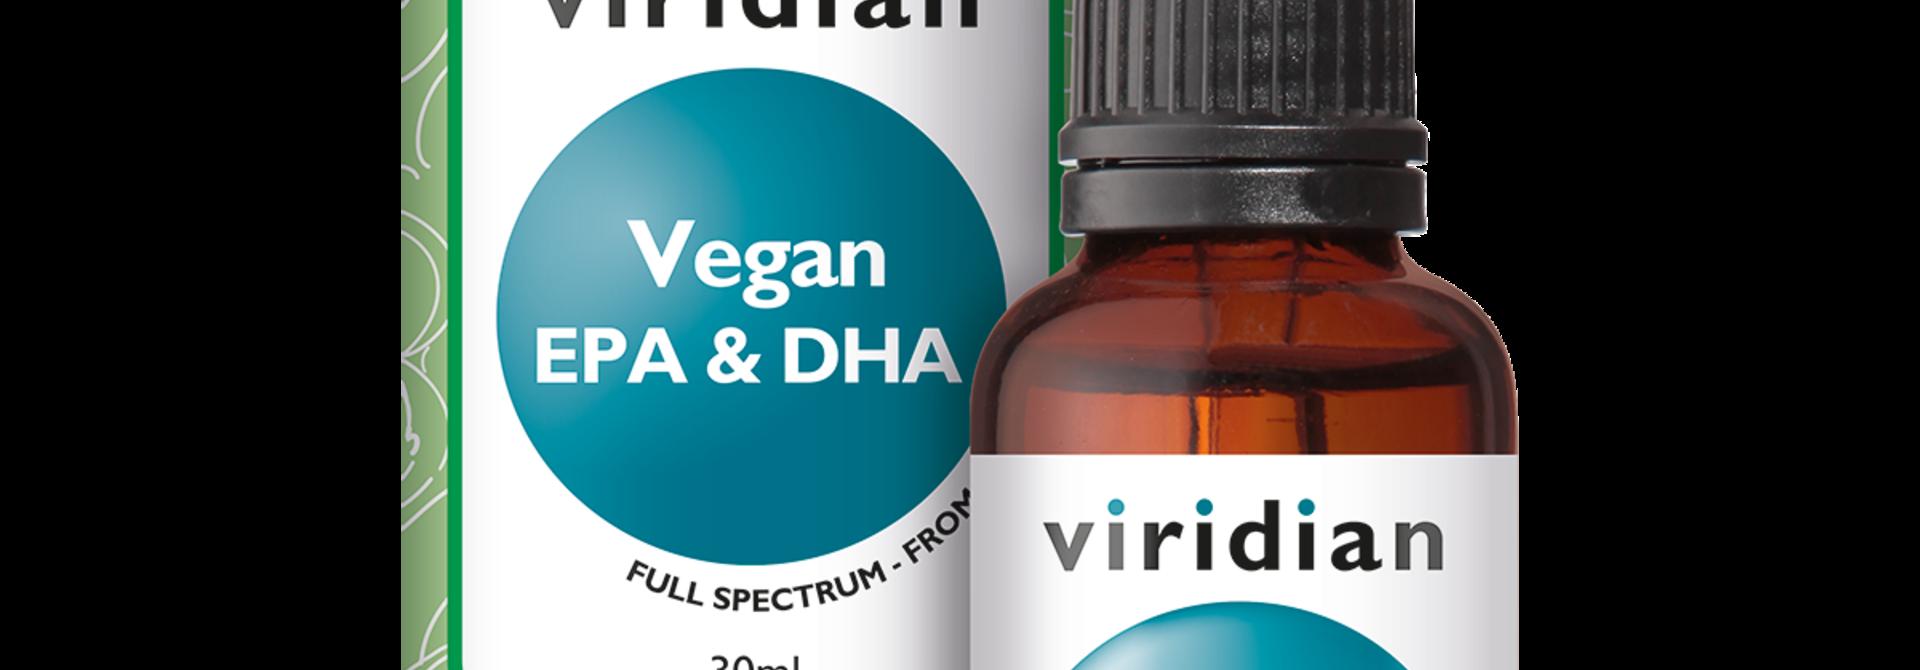 Vegan EPA & DHA 30 olie